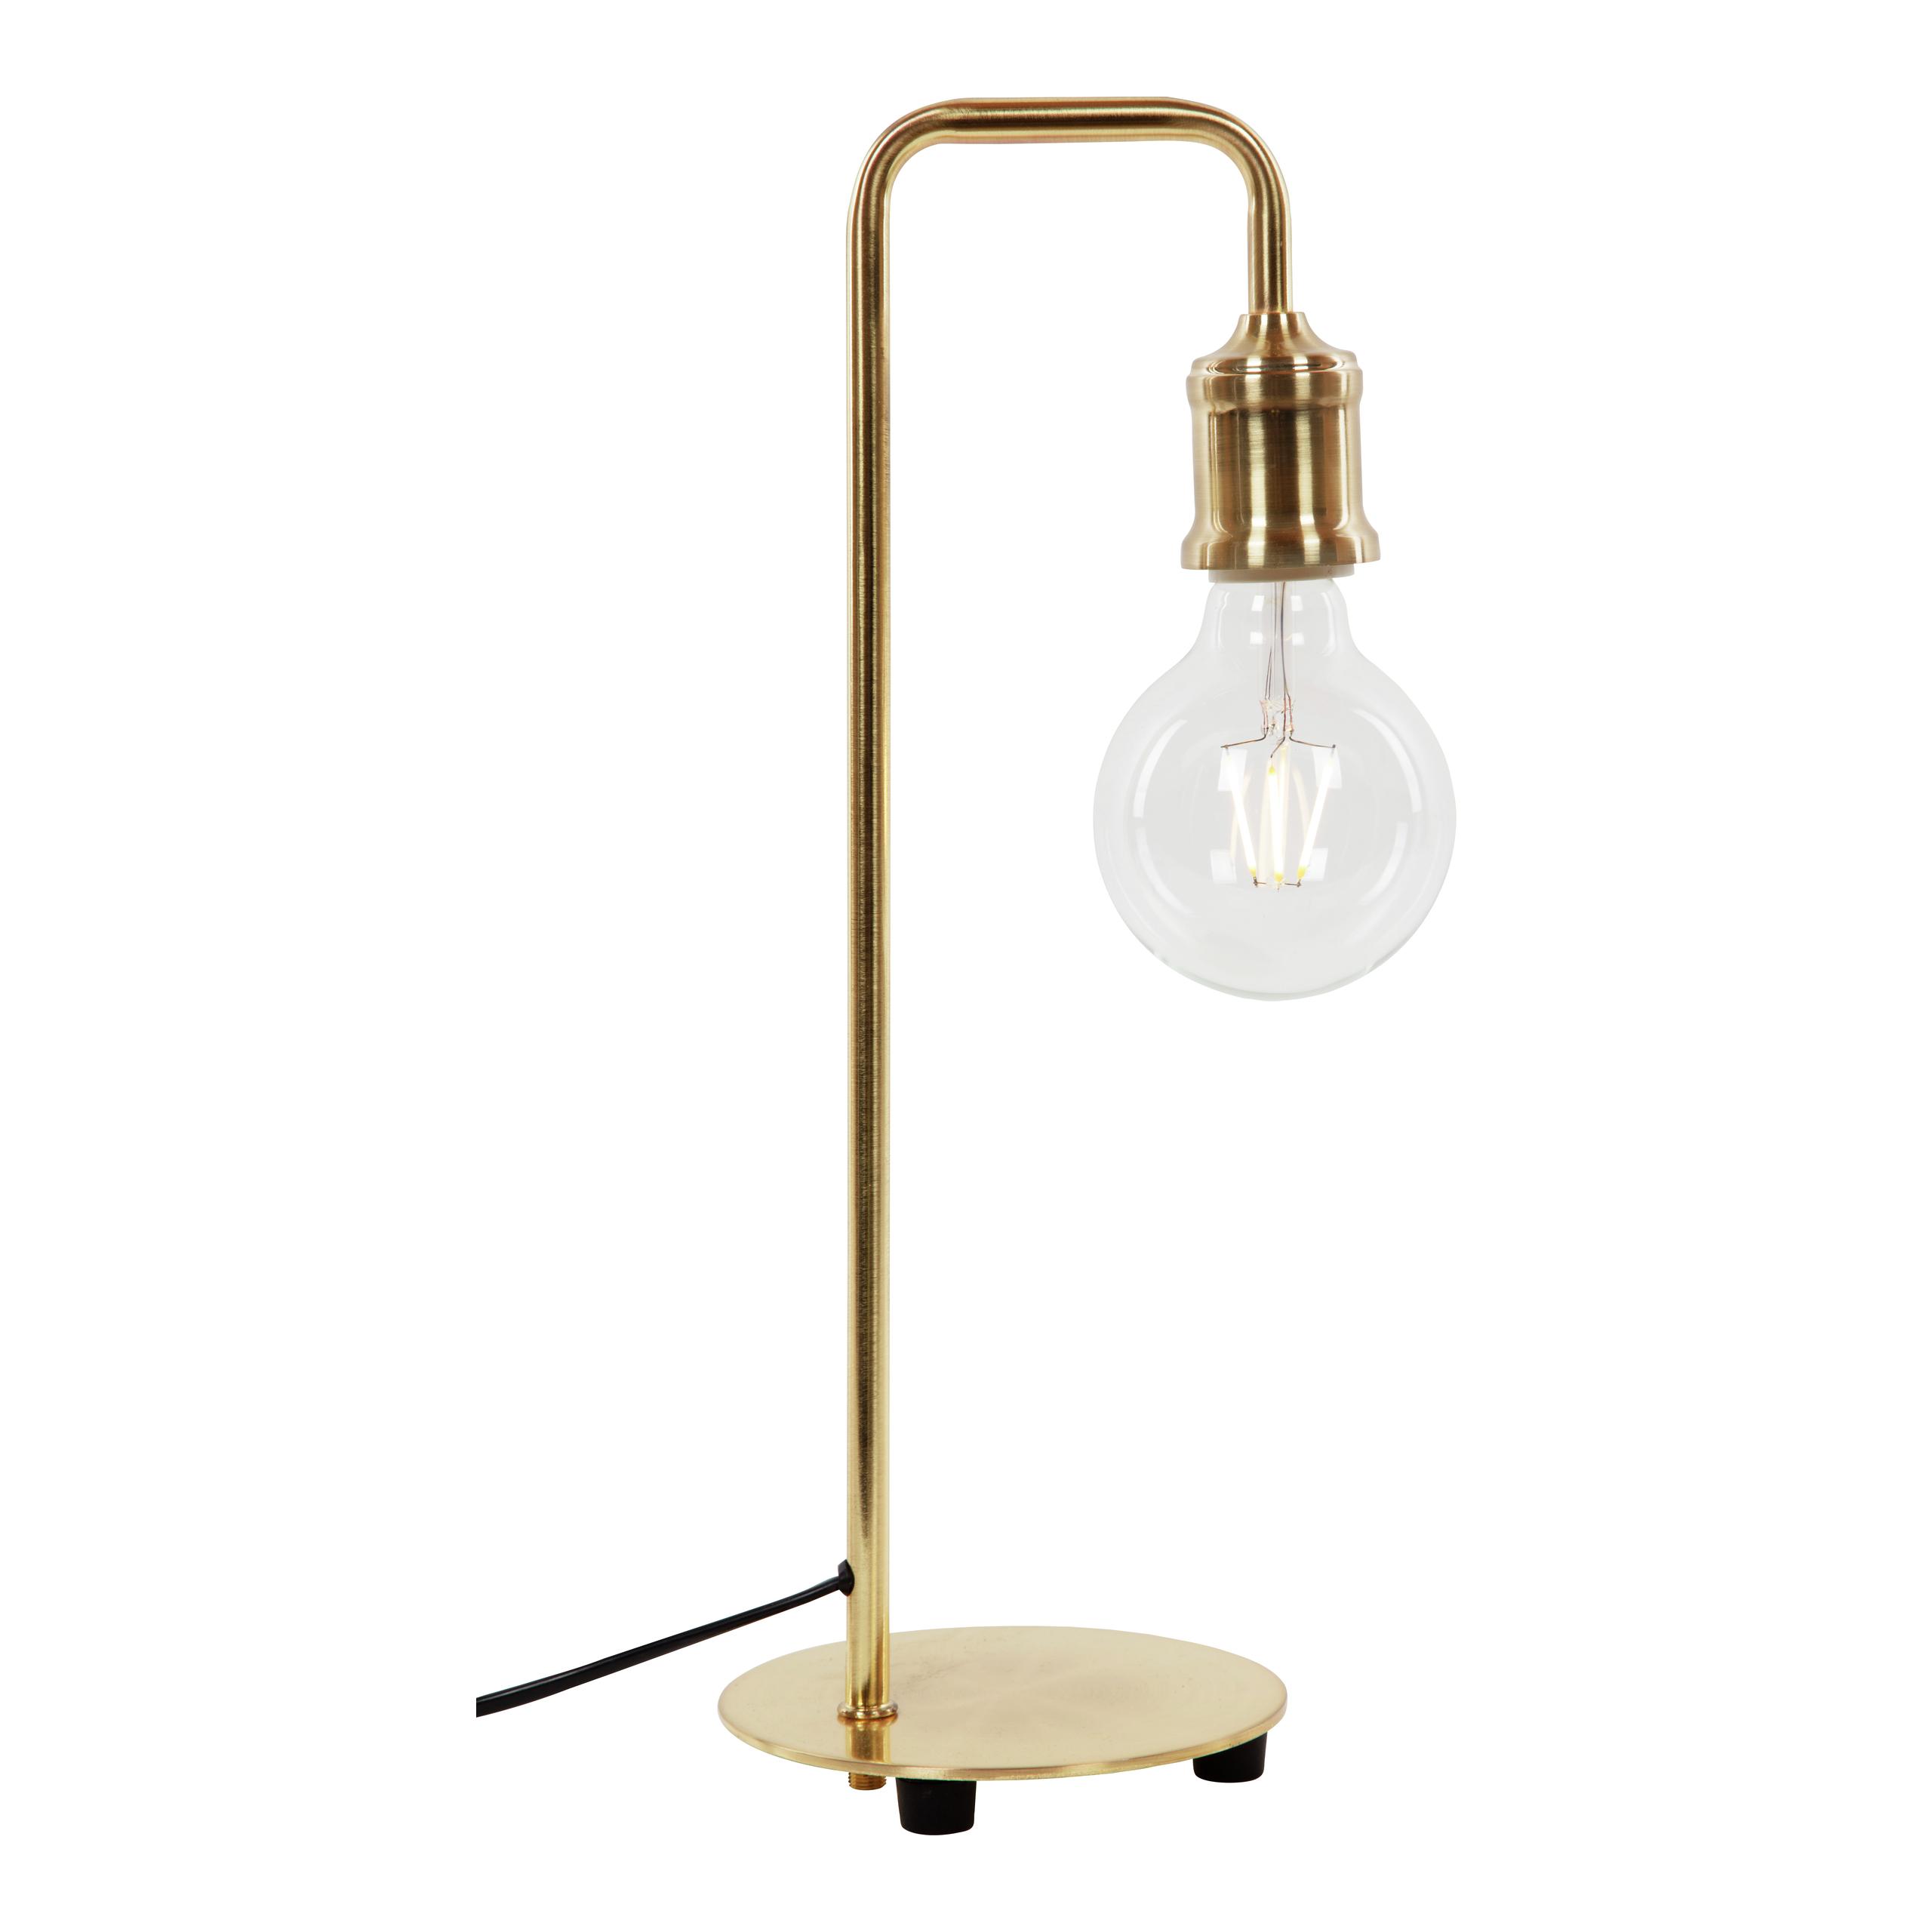 Bordlampe-LAM1021